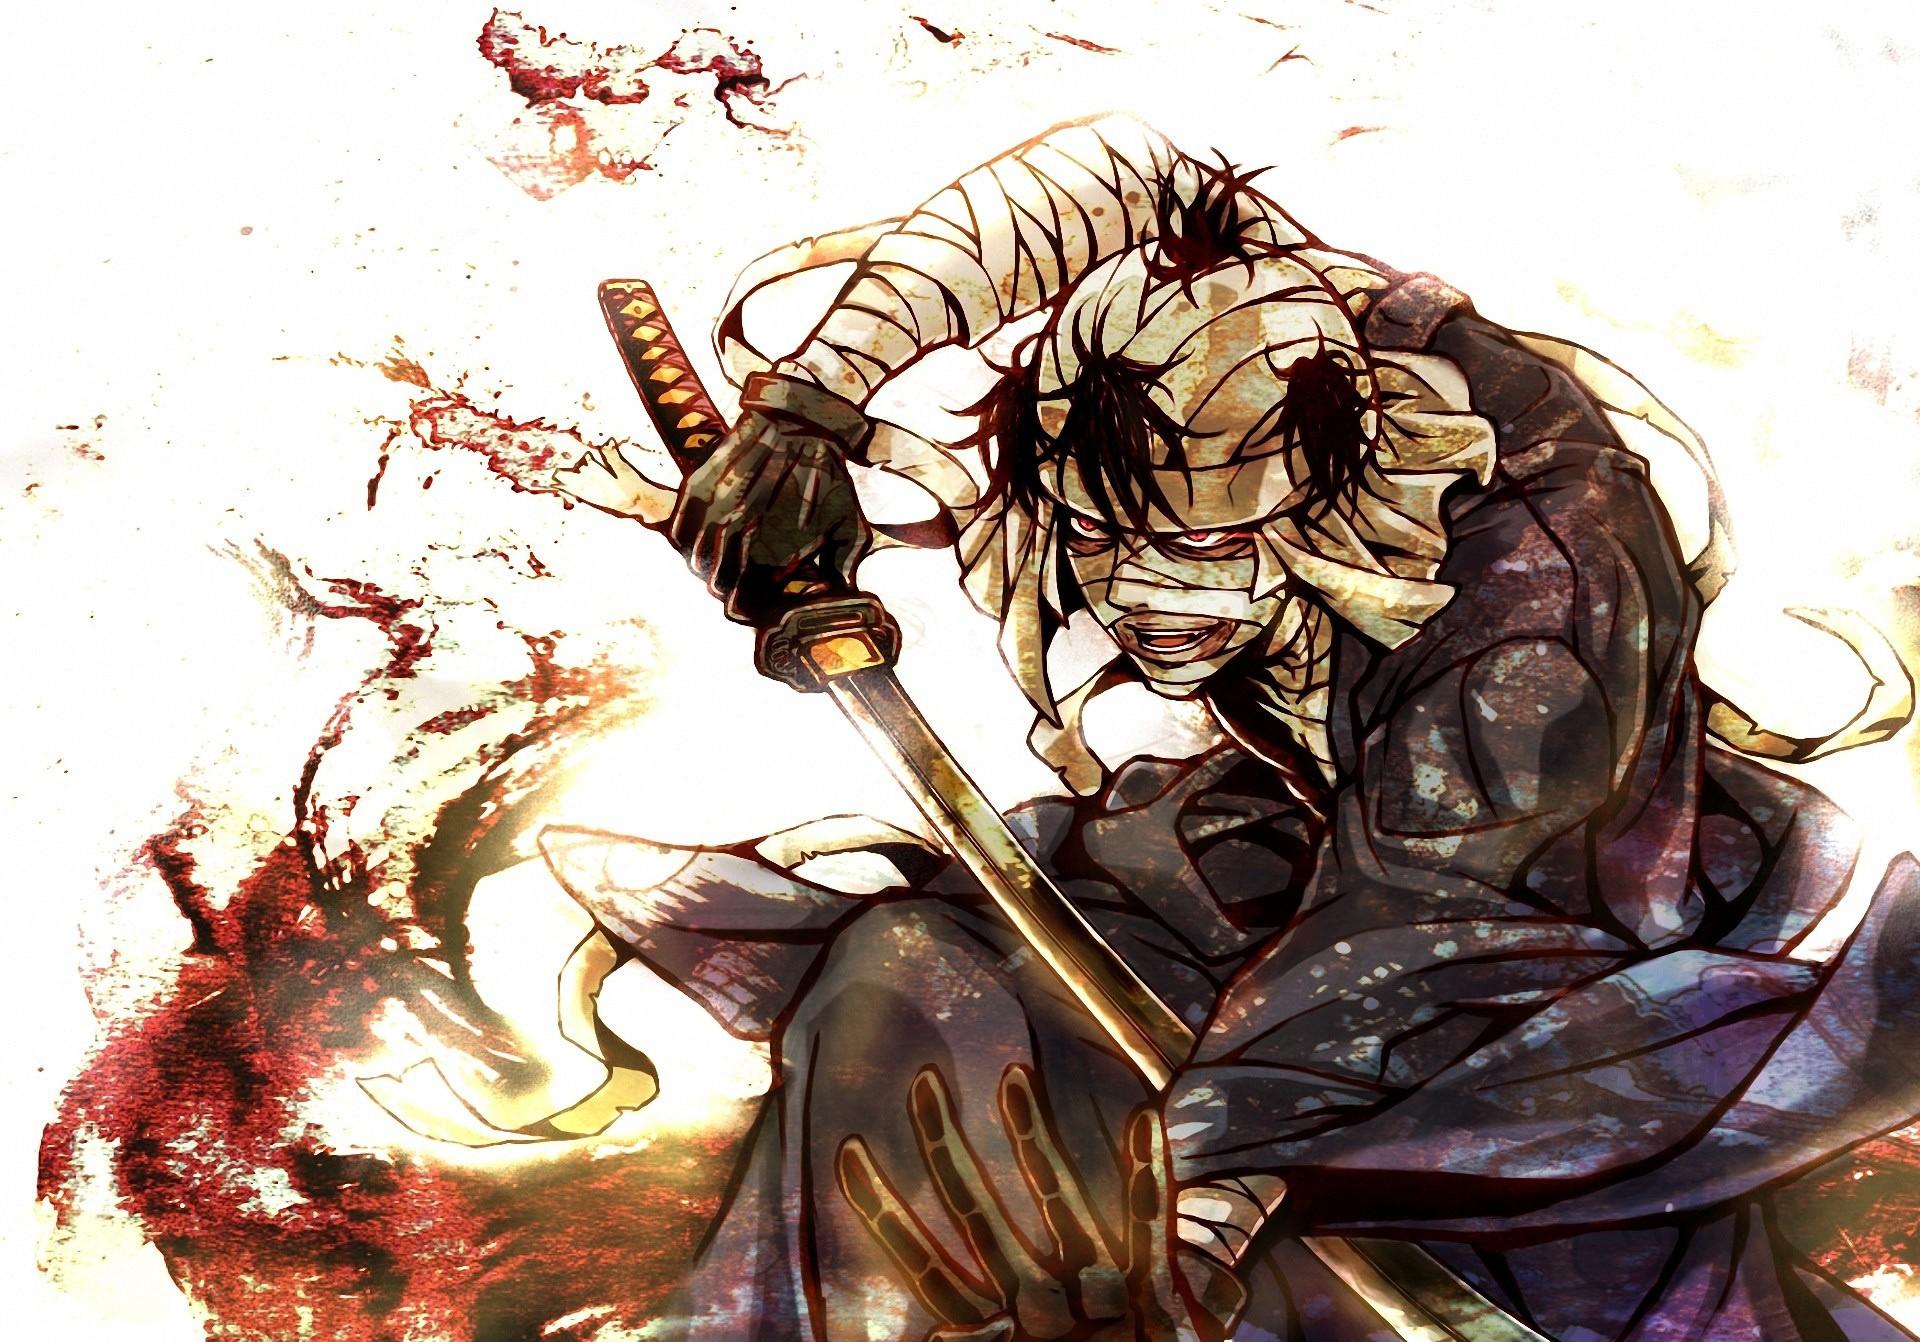 10 nhân vật nam phản diện quyến rũ nhất trong thế giới anime (Phần 1) - Ảnh 3.